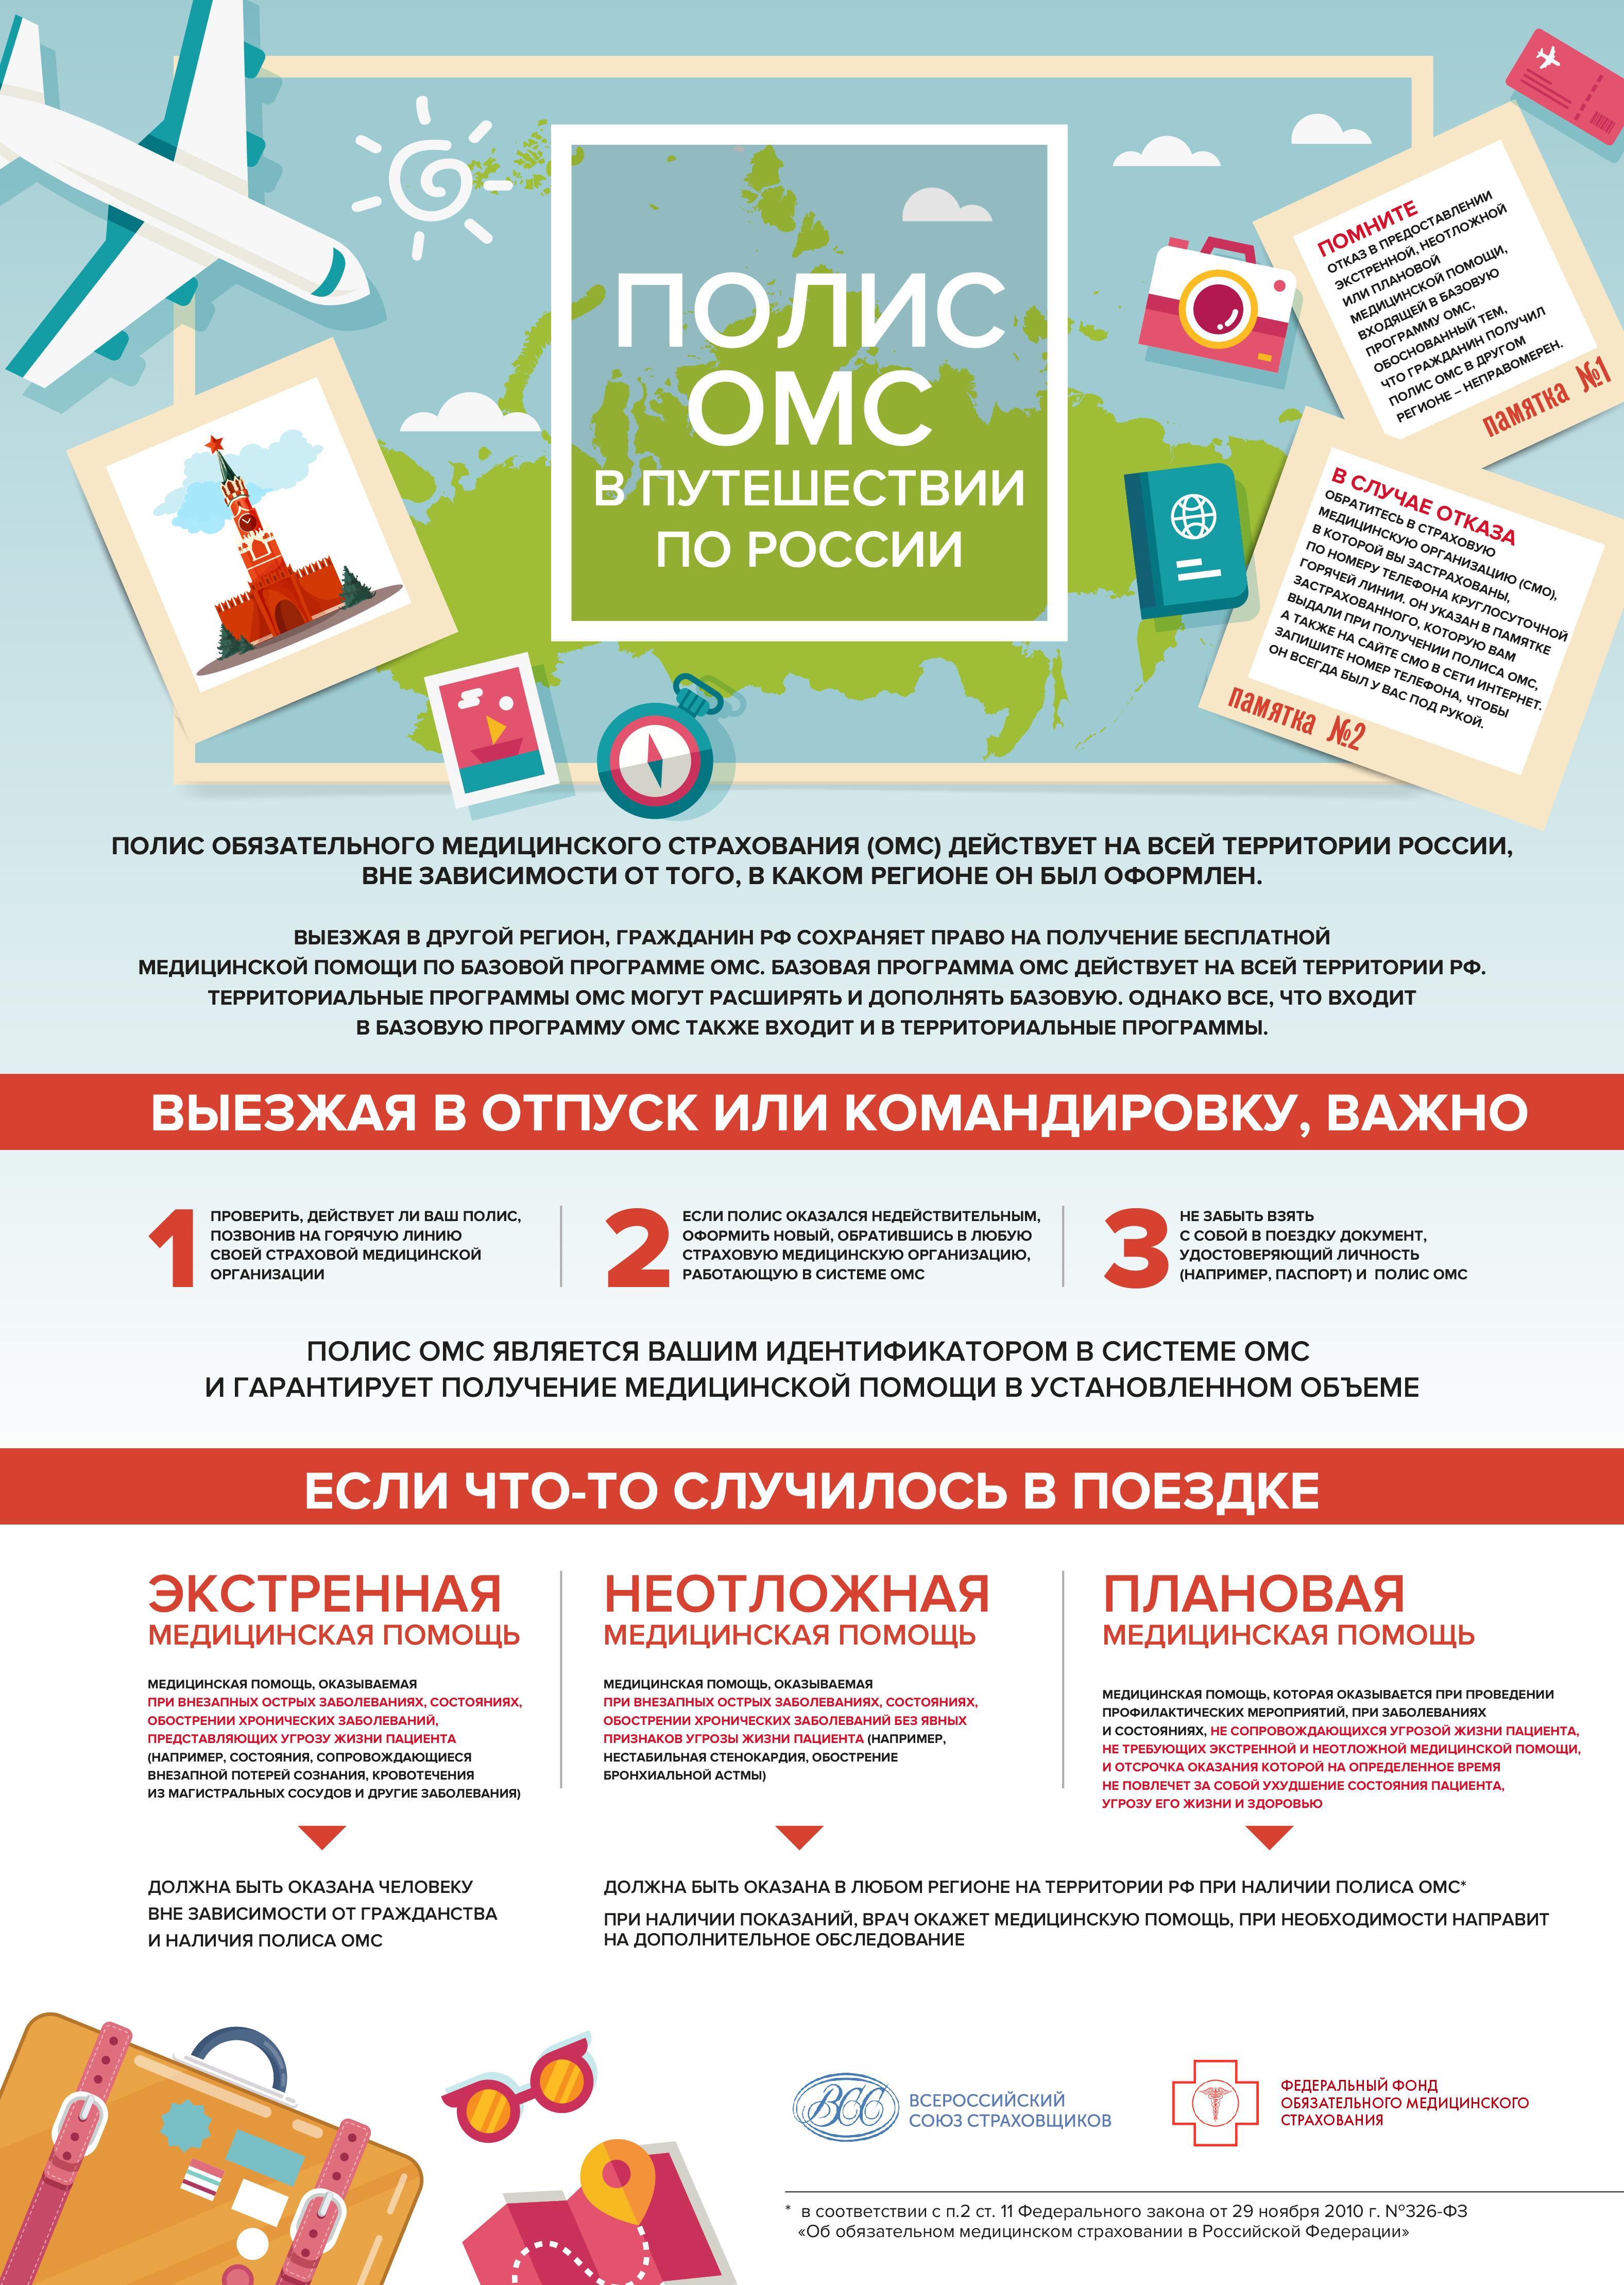 Полис ОМС в путешествии по России